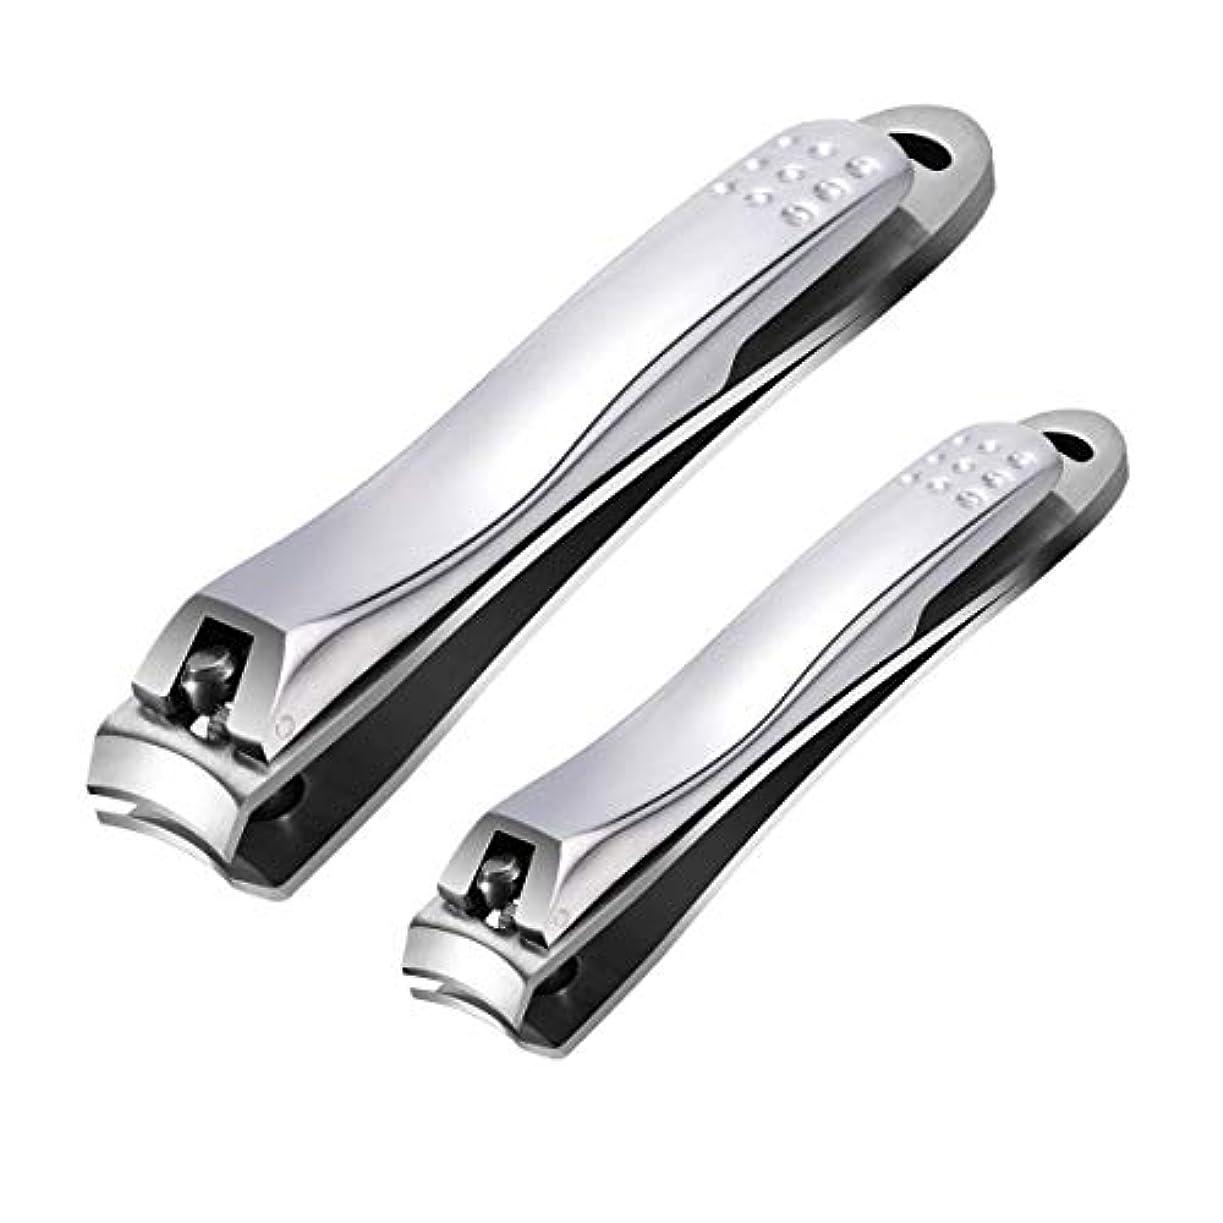 戦術シャー単語つめきり ステンレス製高級 爪切り 爪やすり付き 手足はがね ツメキリ 握りやすい スパット切れる レザーケース付き付属 (2サイズ)